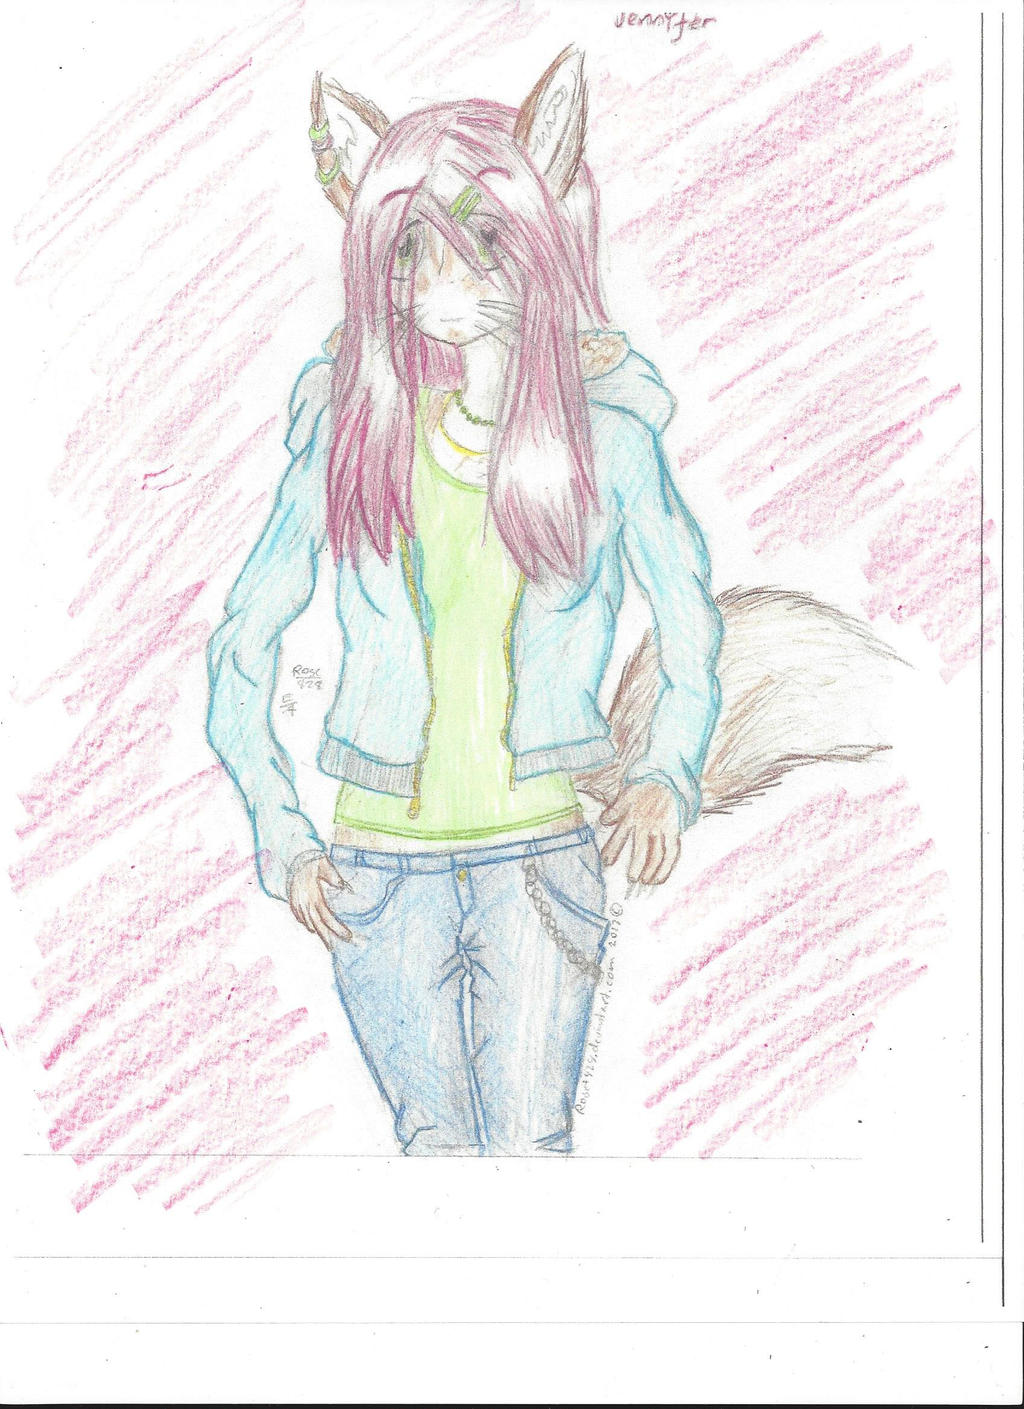 Jenny with colour by XxRoset-828xX